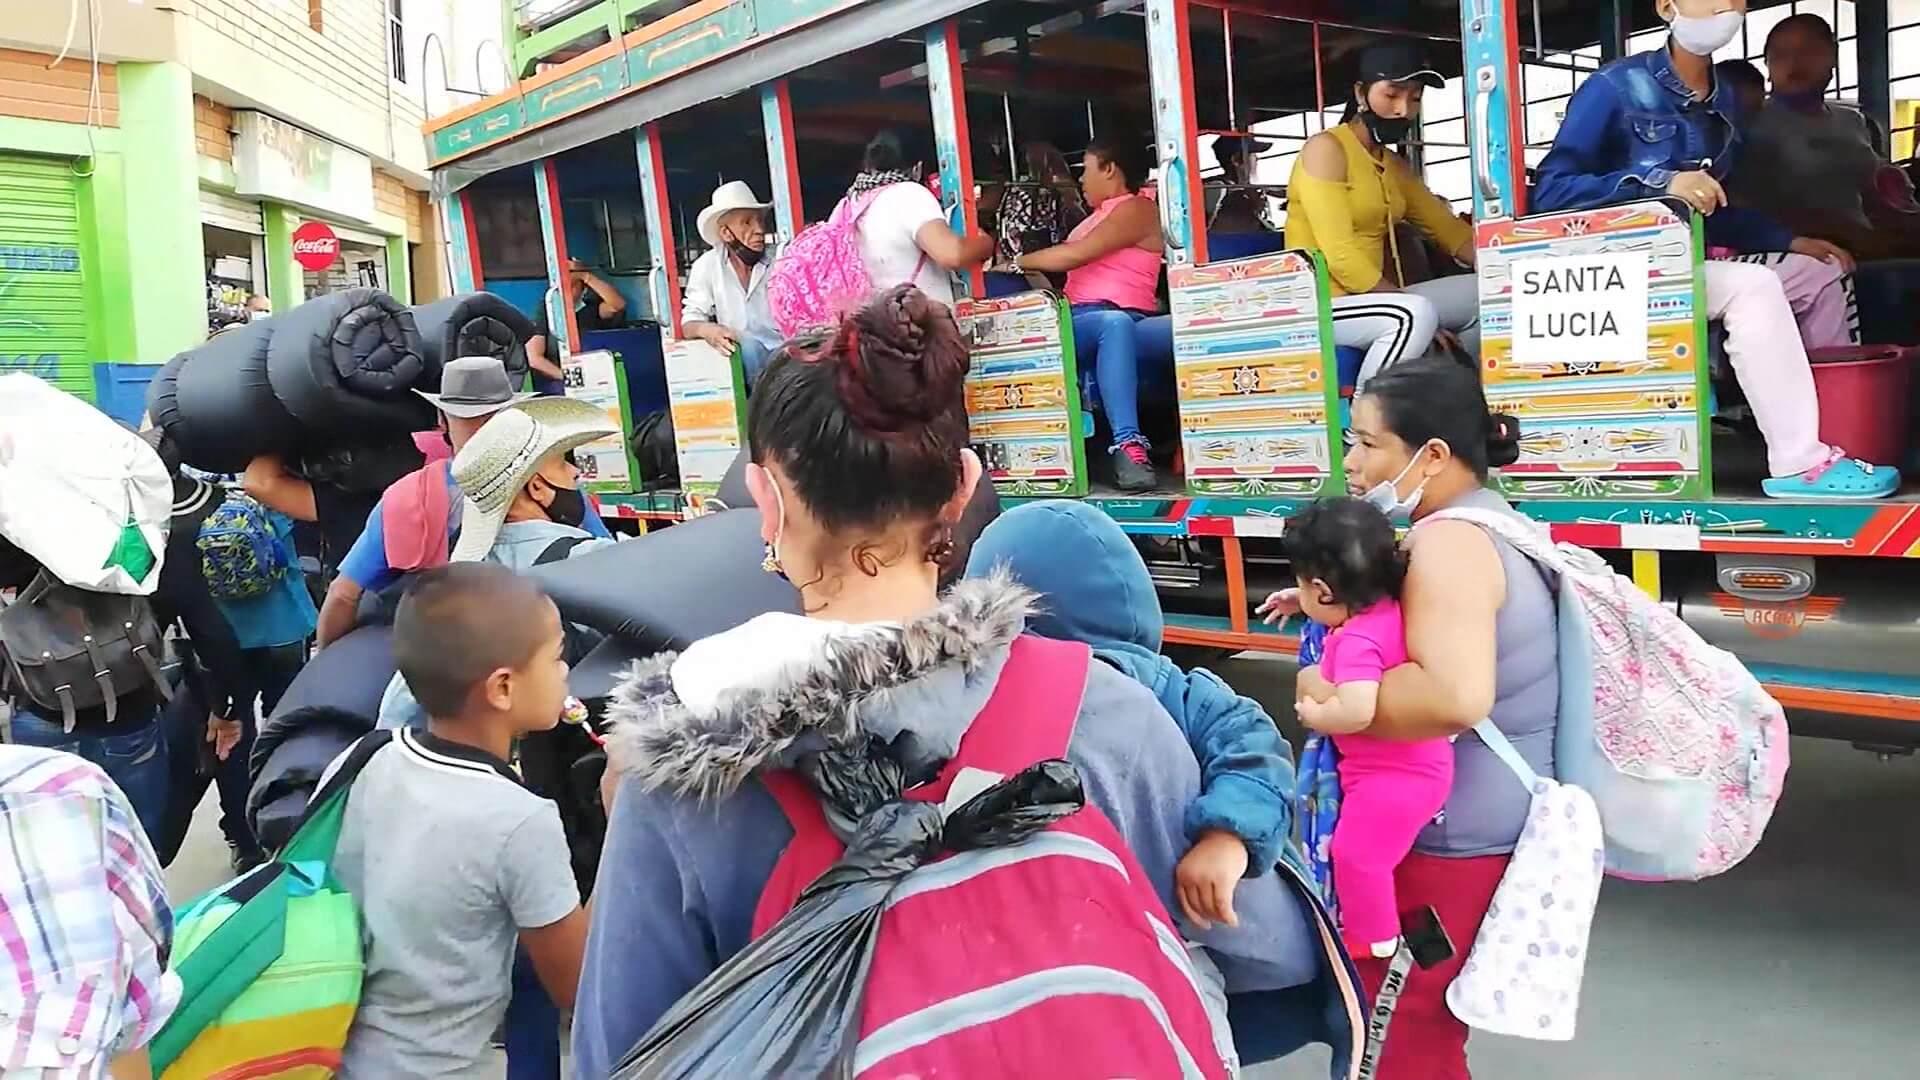 Gobernador acompaña a la comunidad de Ituango